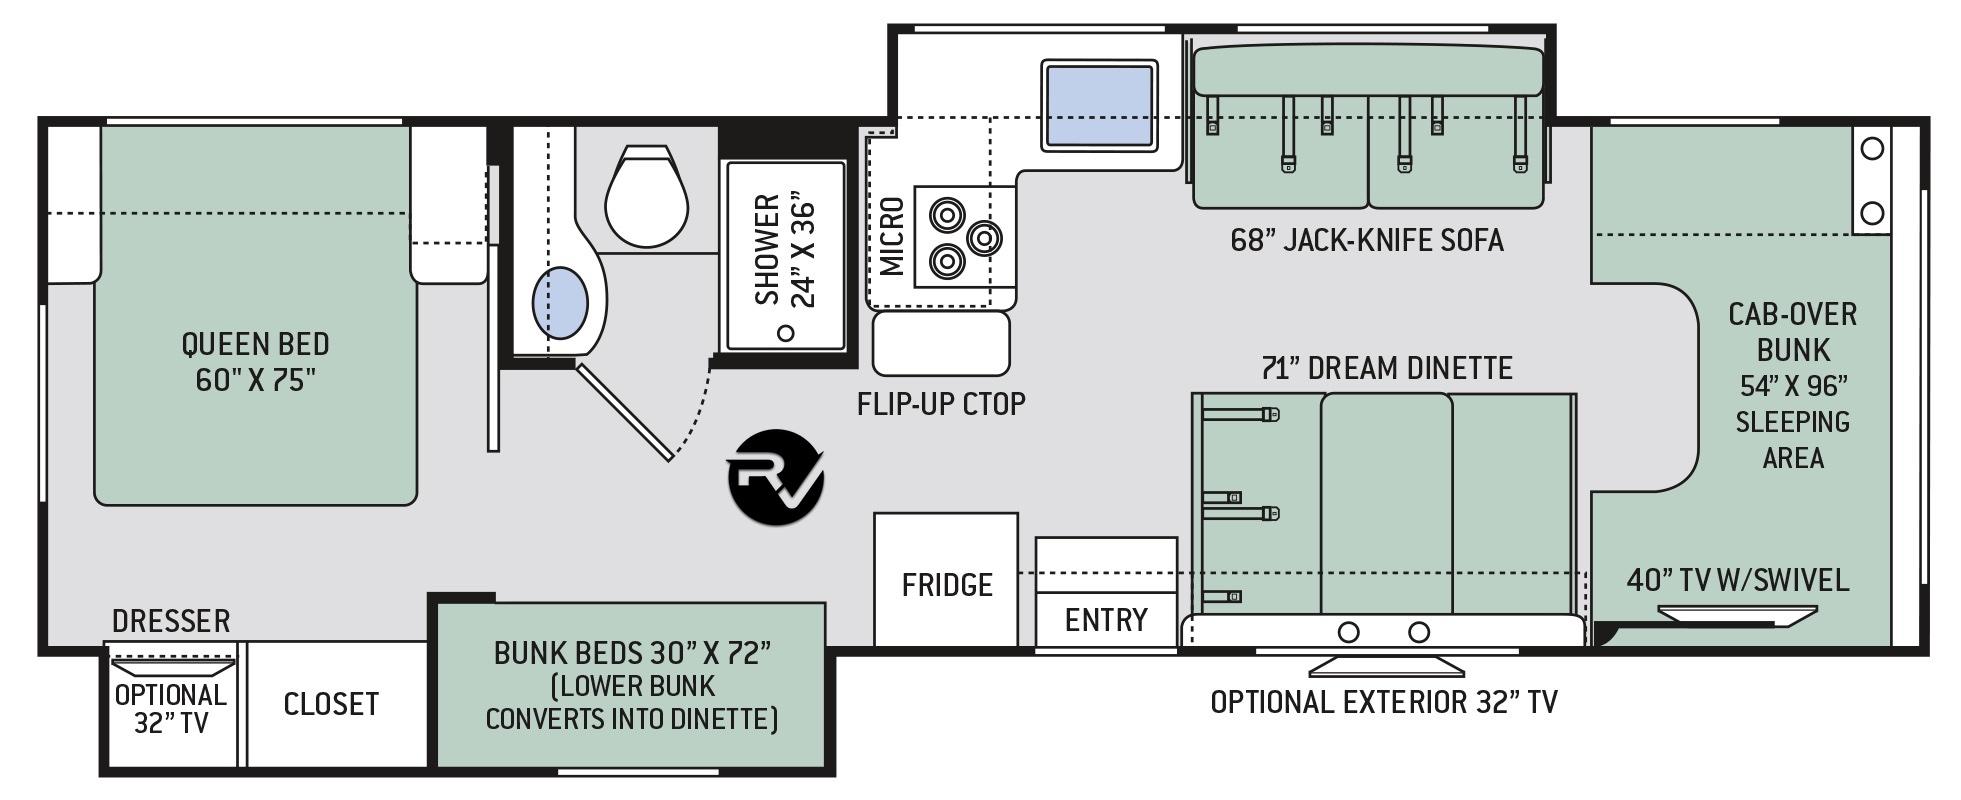 30D Floorplan